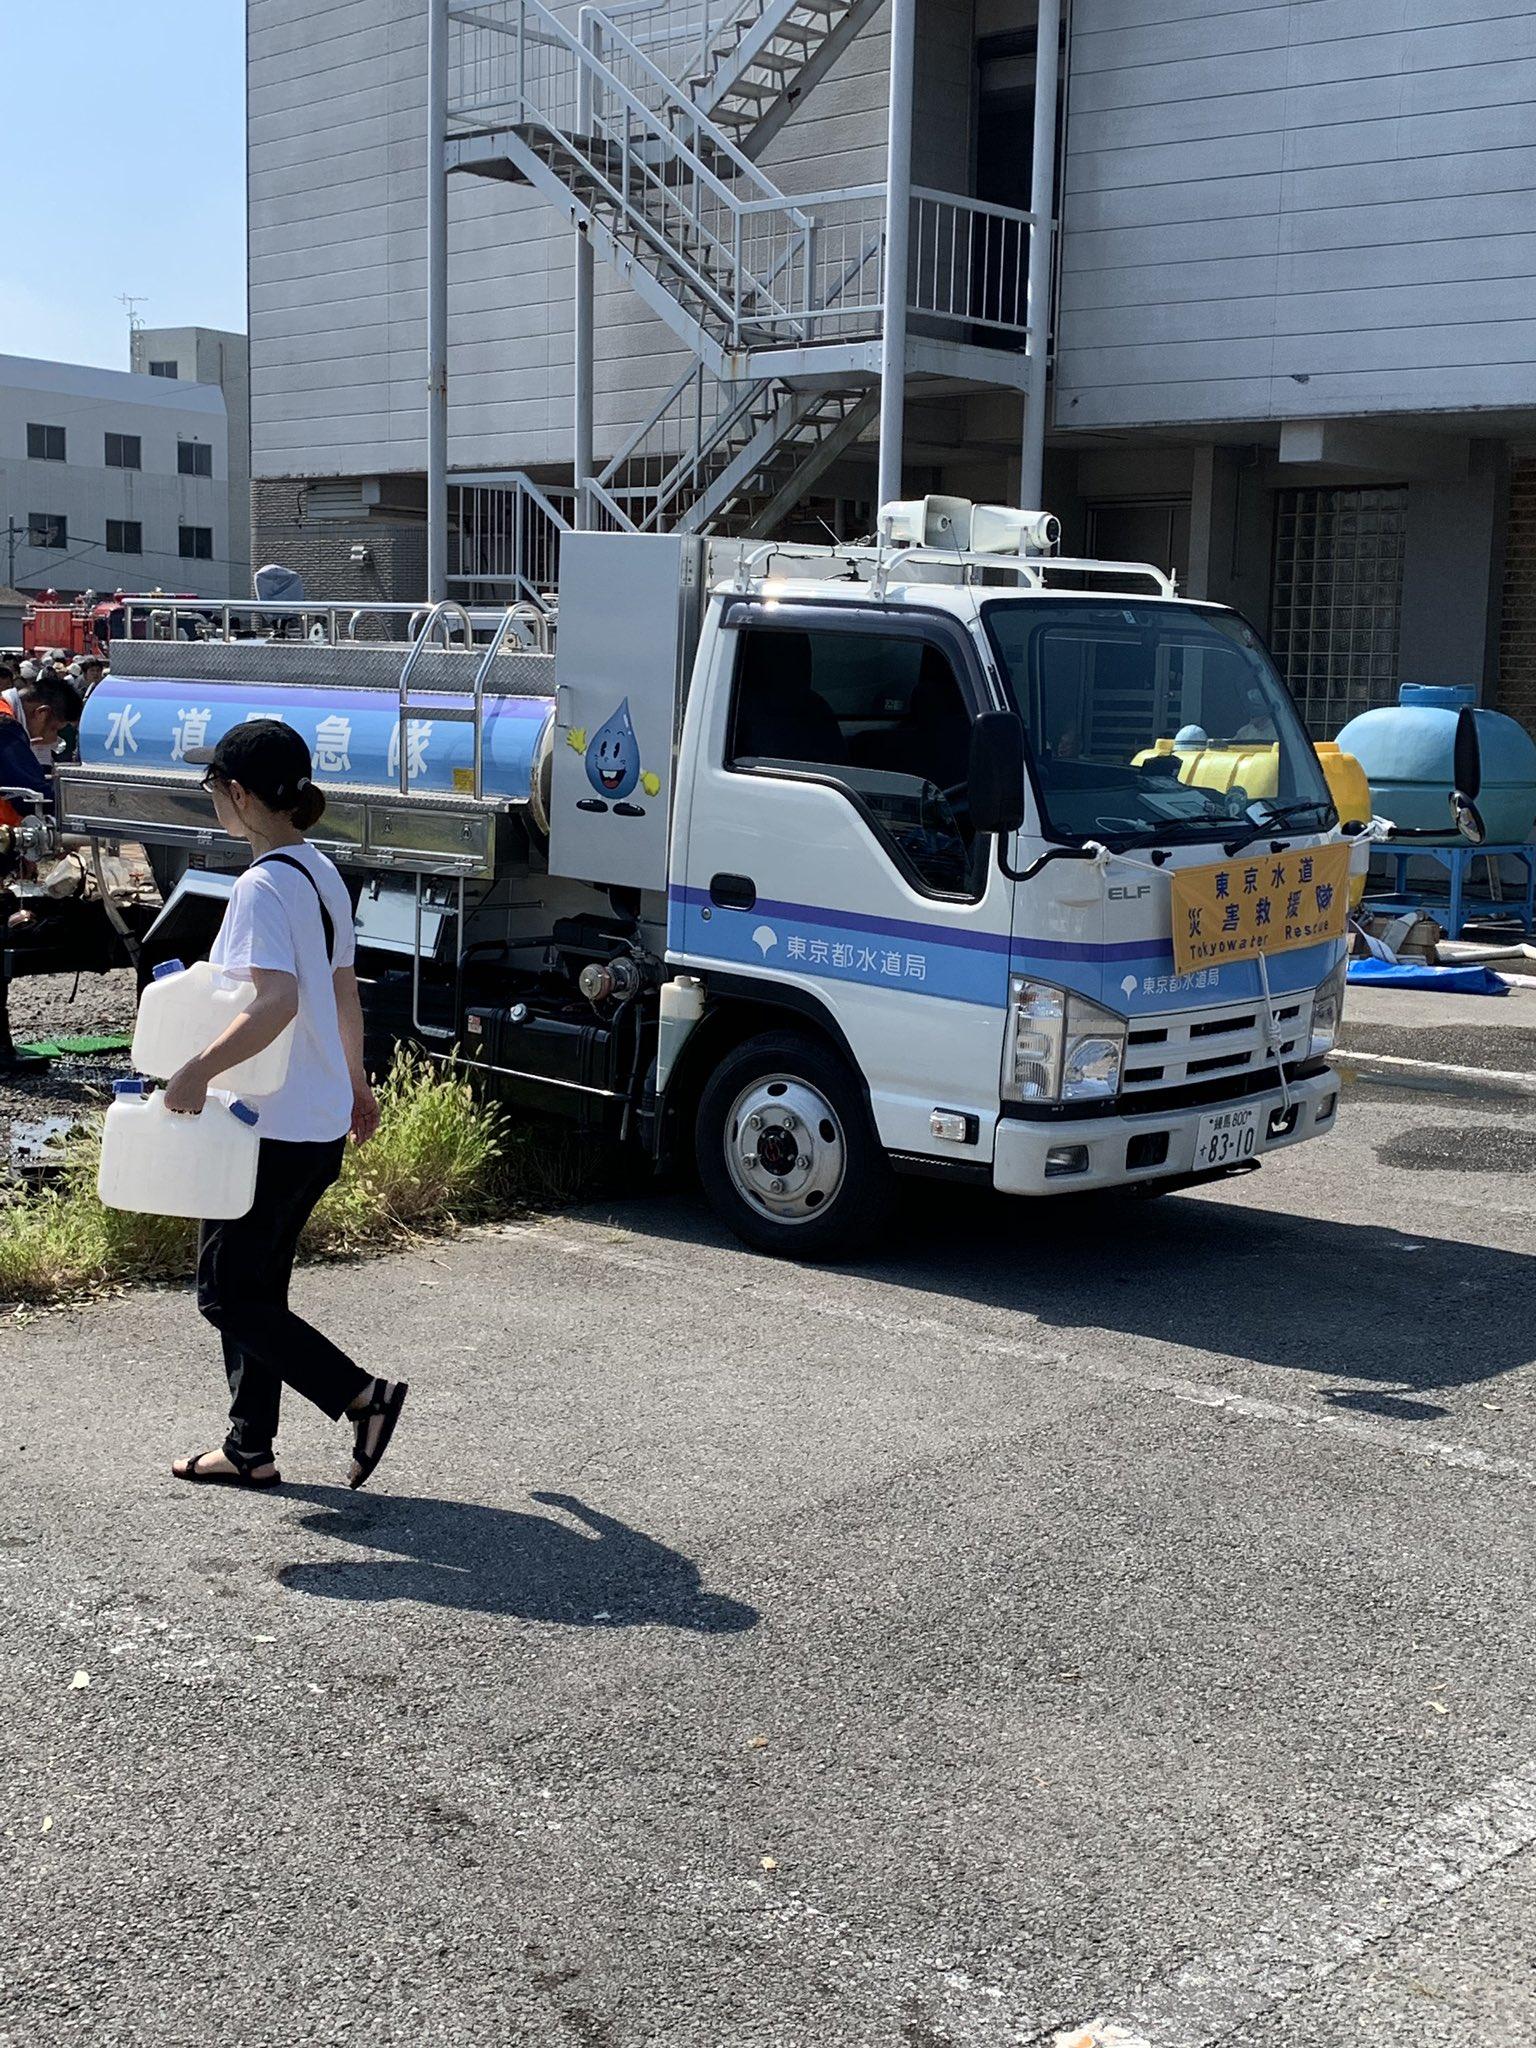 画像,現在、断水の為市役所に給水取りに来た。自衛隊、東京都の皆さんありがとうございます! https://t.co/izV1imJslp…